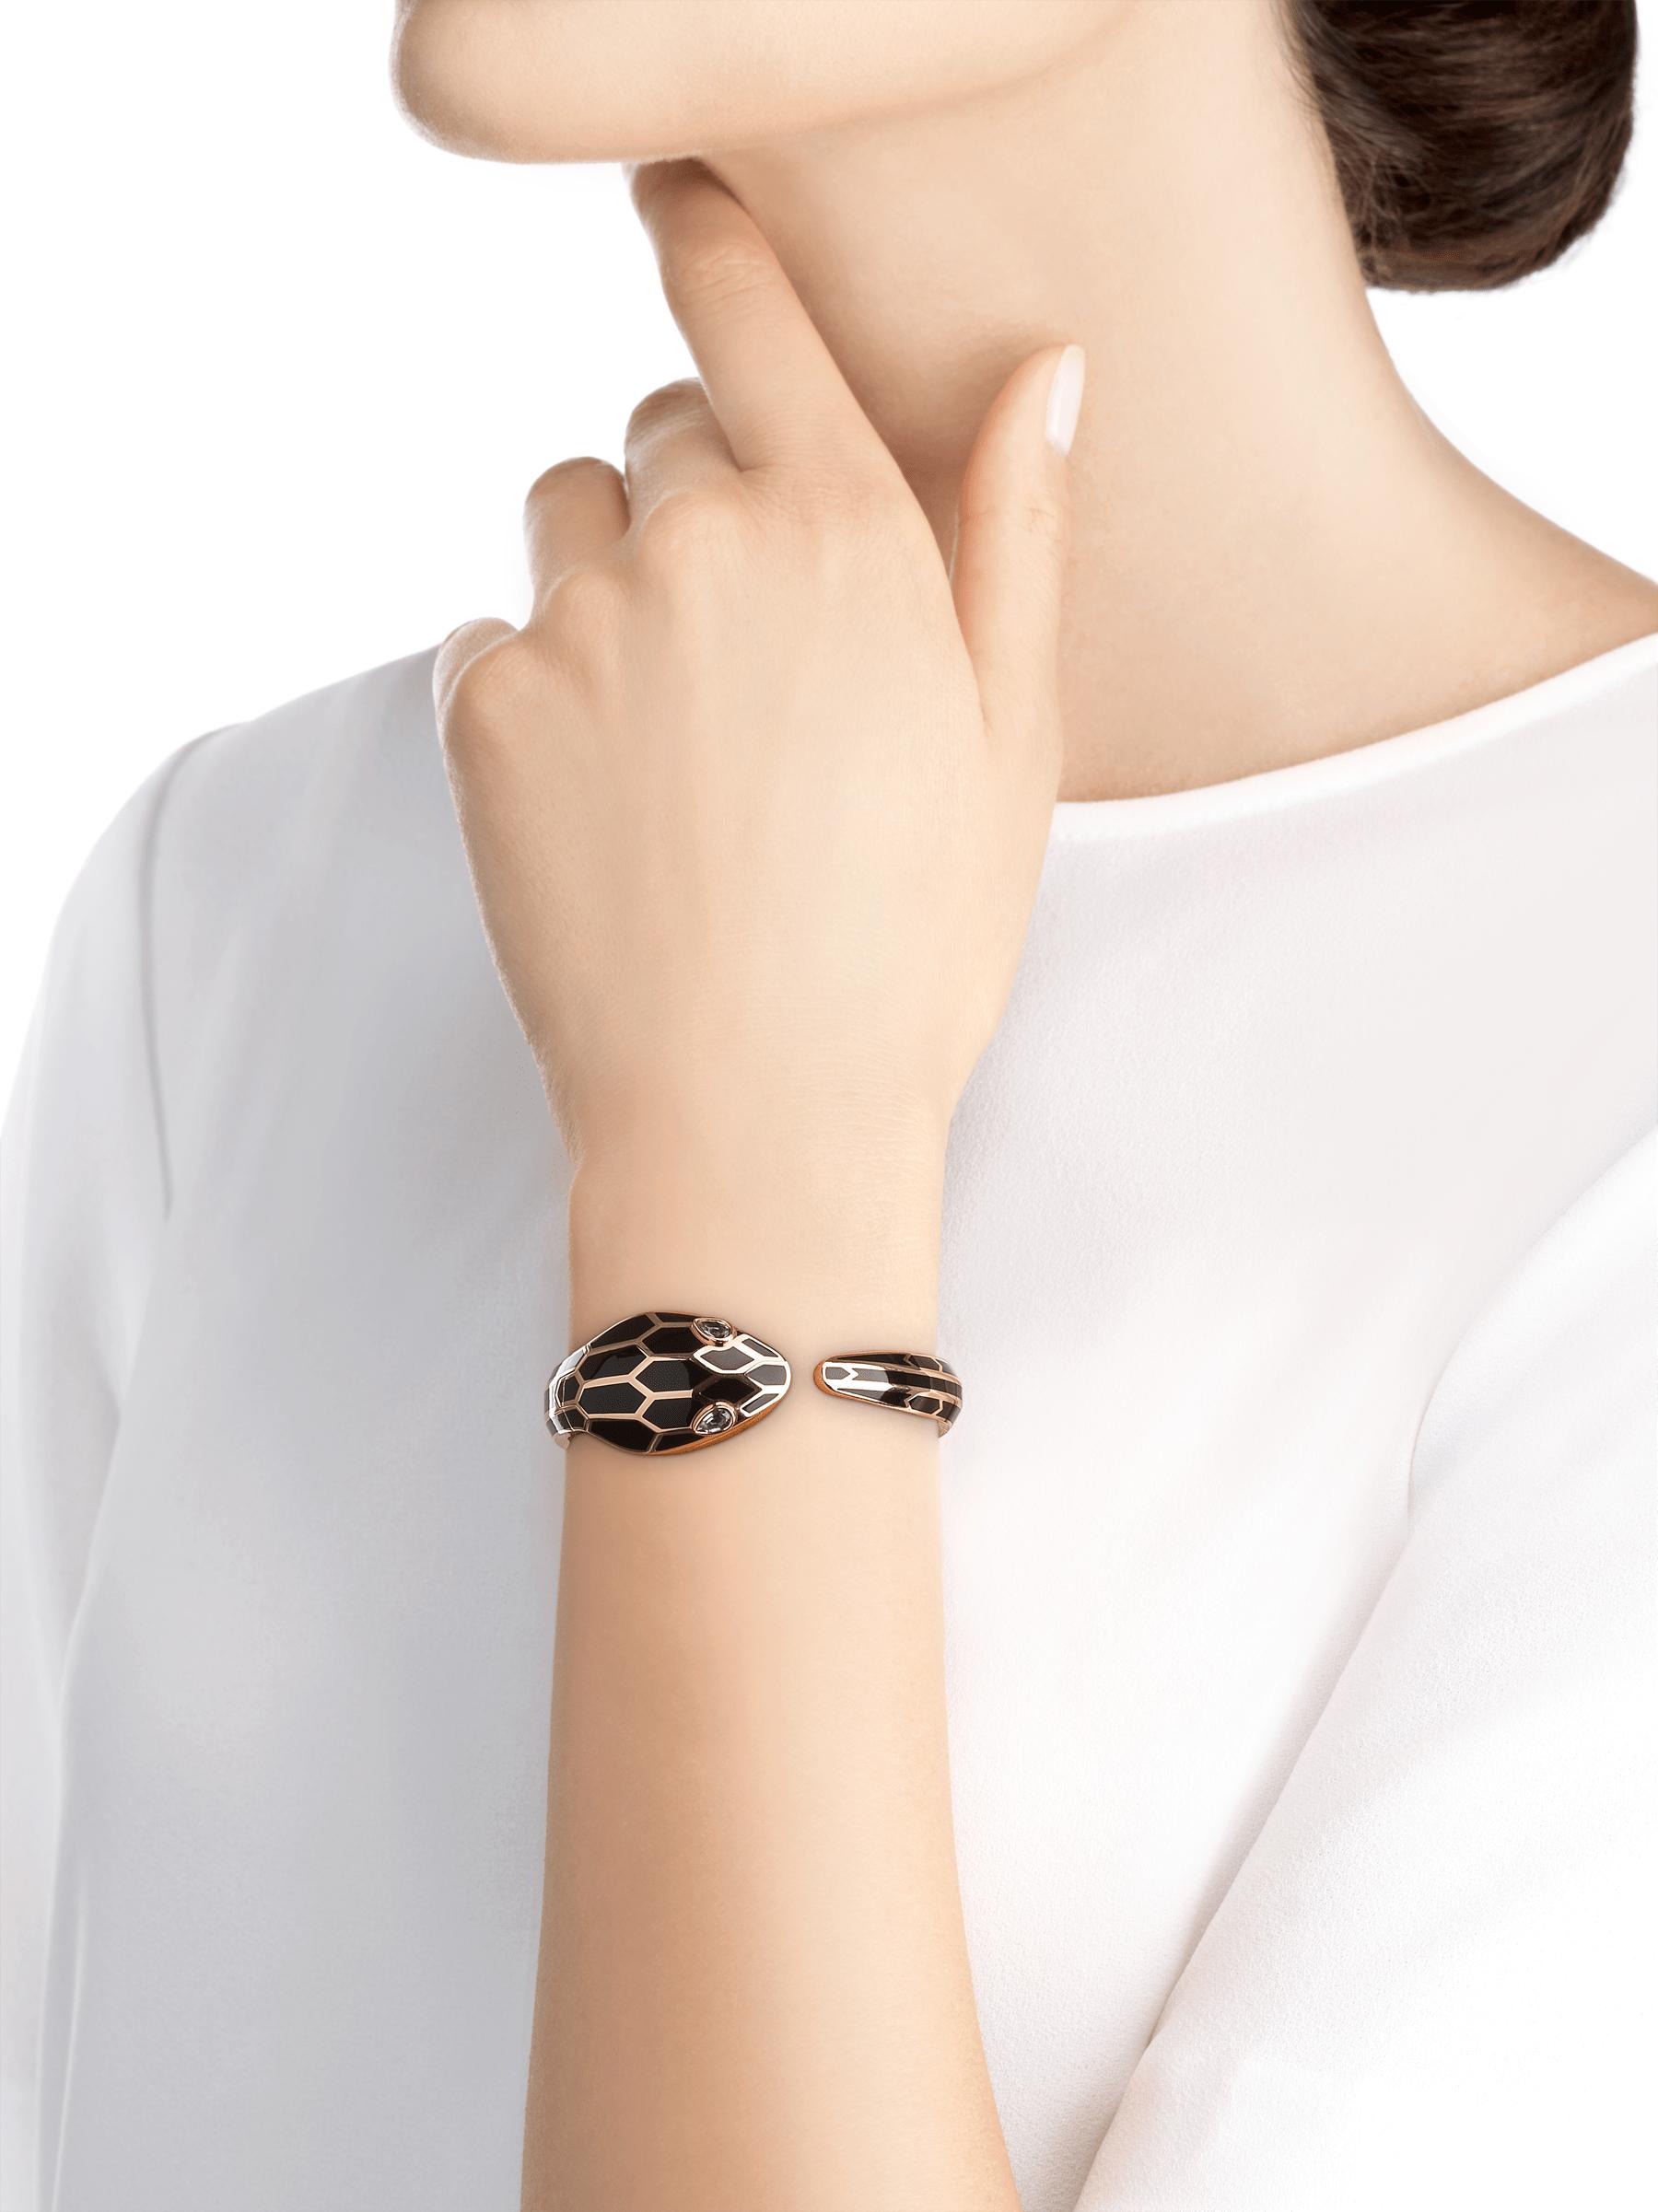 Montre à secret Serpenti Misteriosi avec boîtier et bracelet jonc en or rose 18K recouverts de laque noire, cadran laqué noir et yeux en améthyste taille poire. SrpntSecretWtc-rose-gold image 3